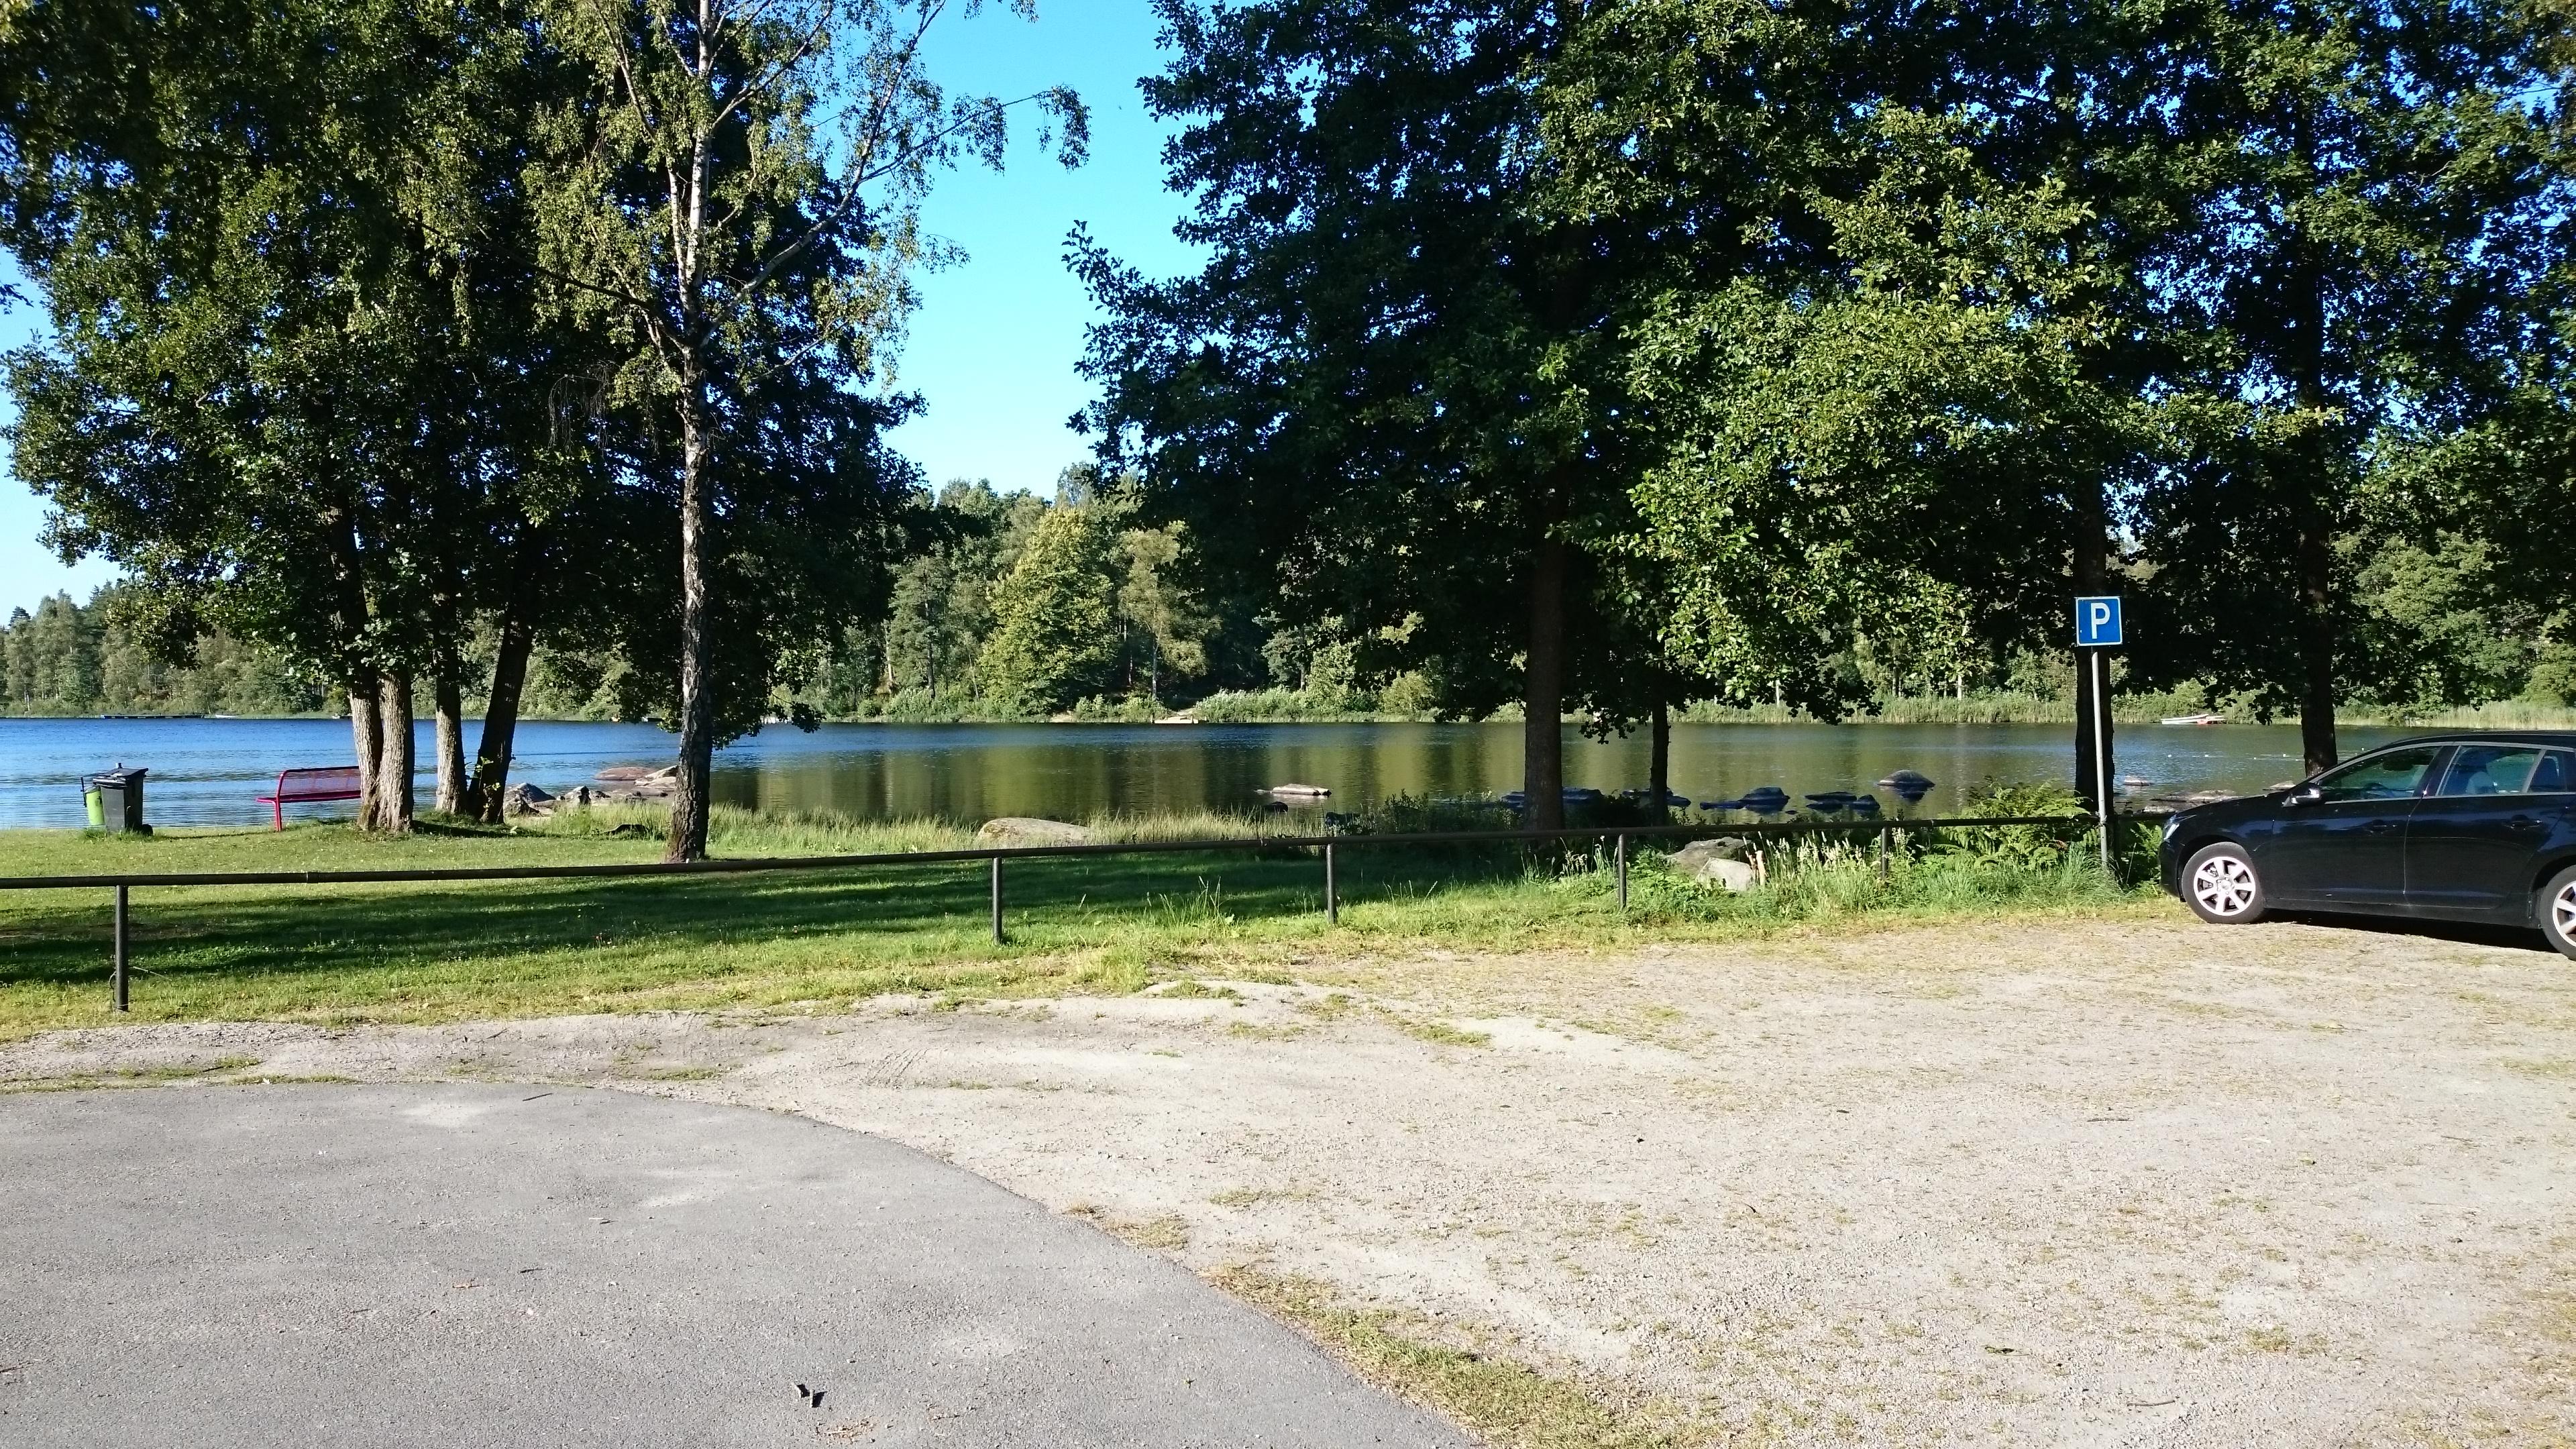 Gravaregrden - Olofstrms kommun